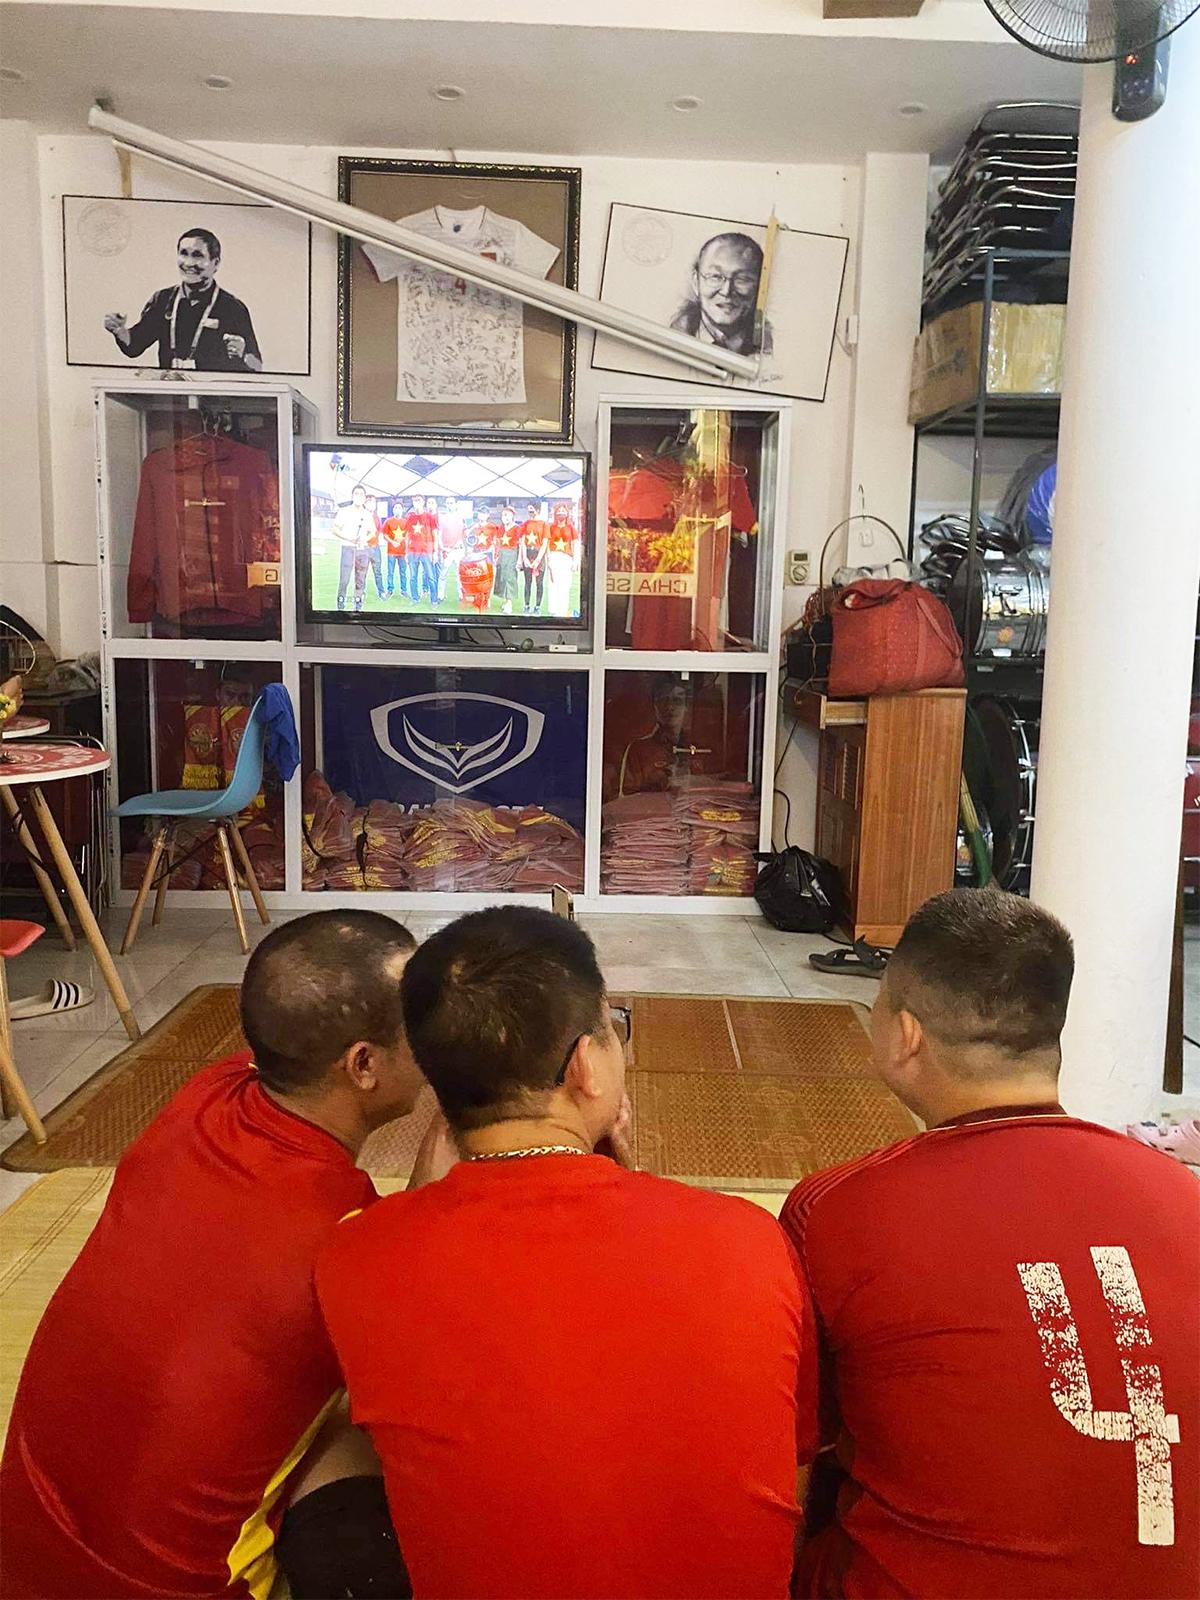 Việt Nam thắng Indonesia 4-0 giữa mùa dịch: Người đeo khẩu trang, người đóng cửa cổ vũ - hình ảnh 3